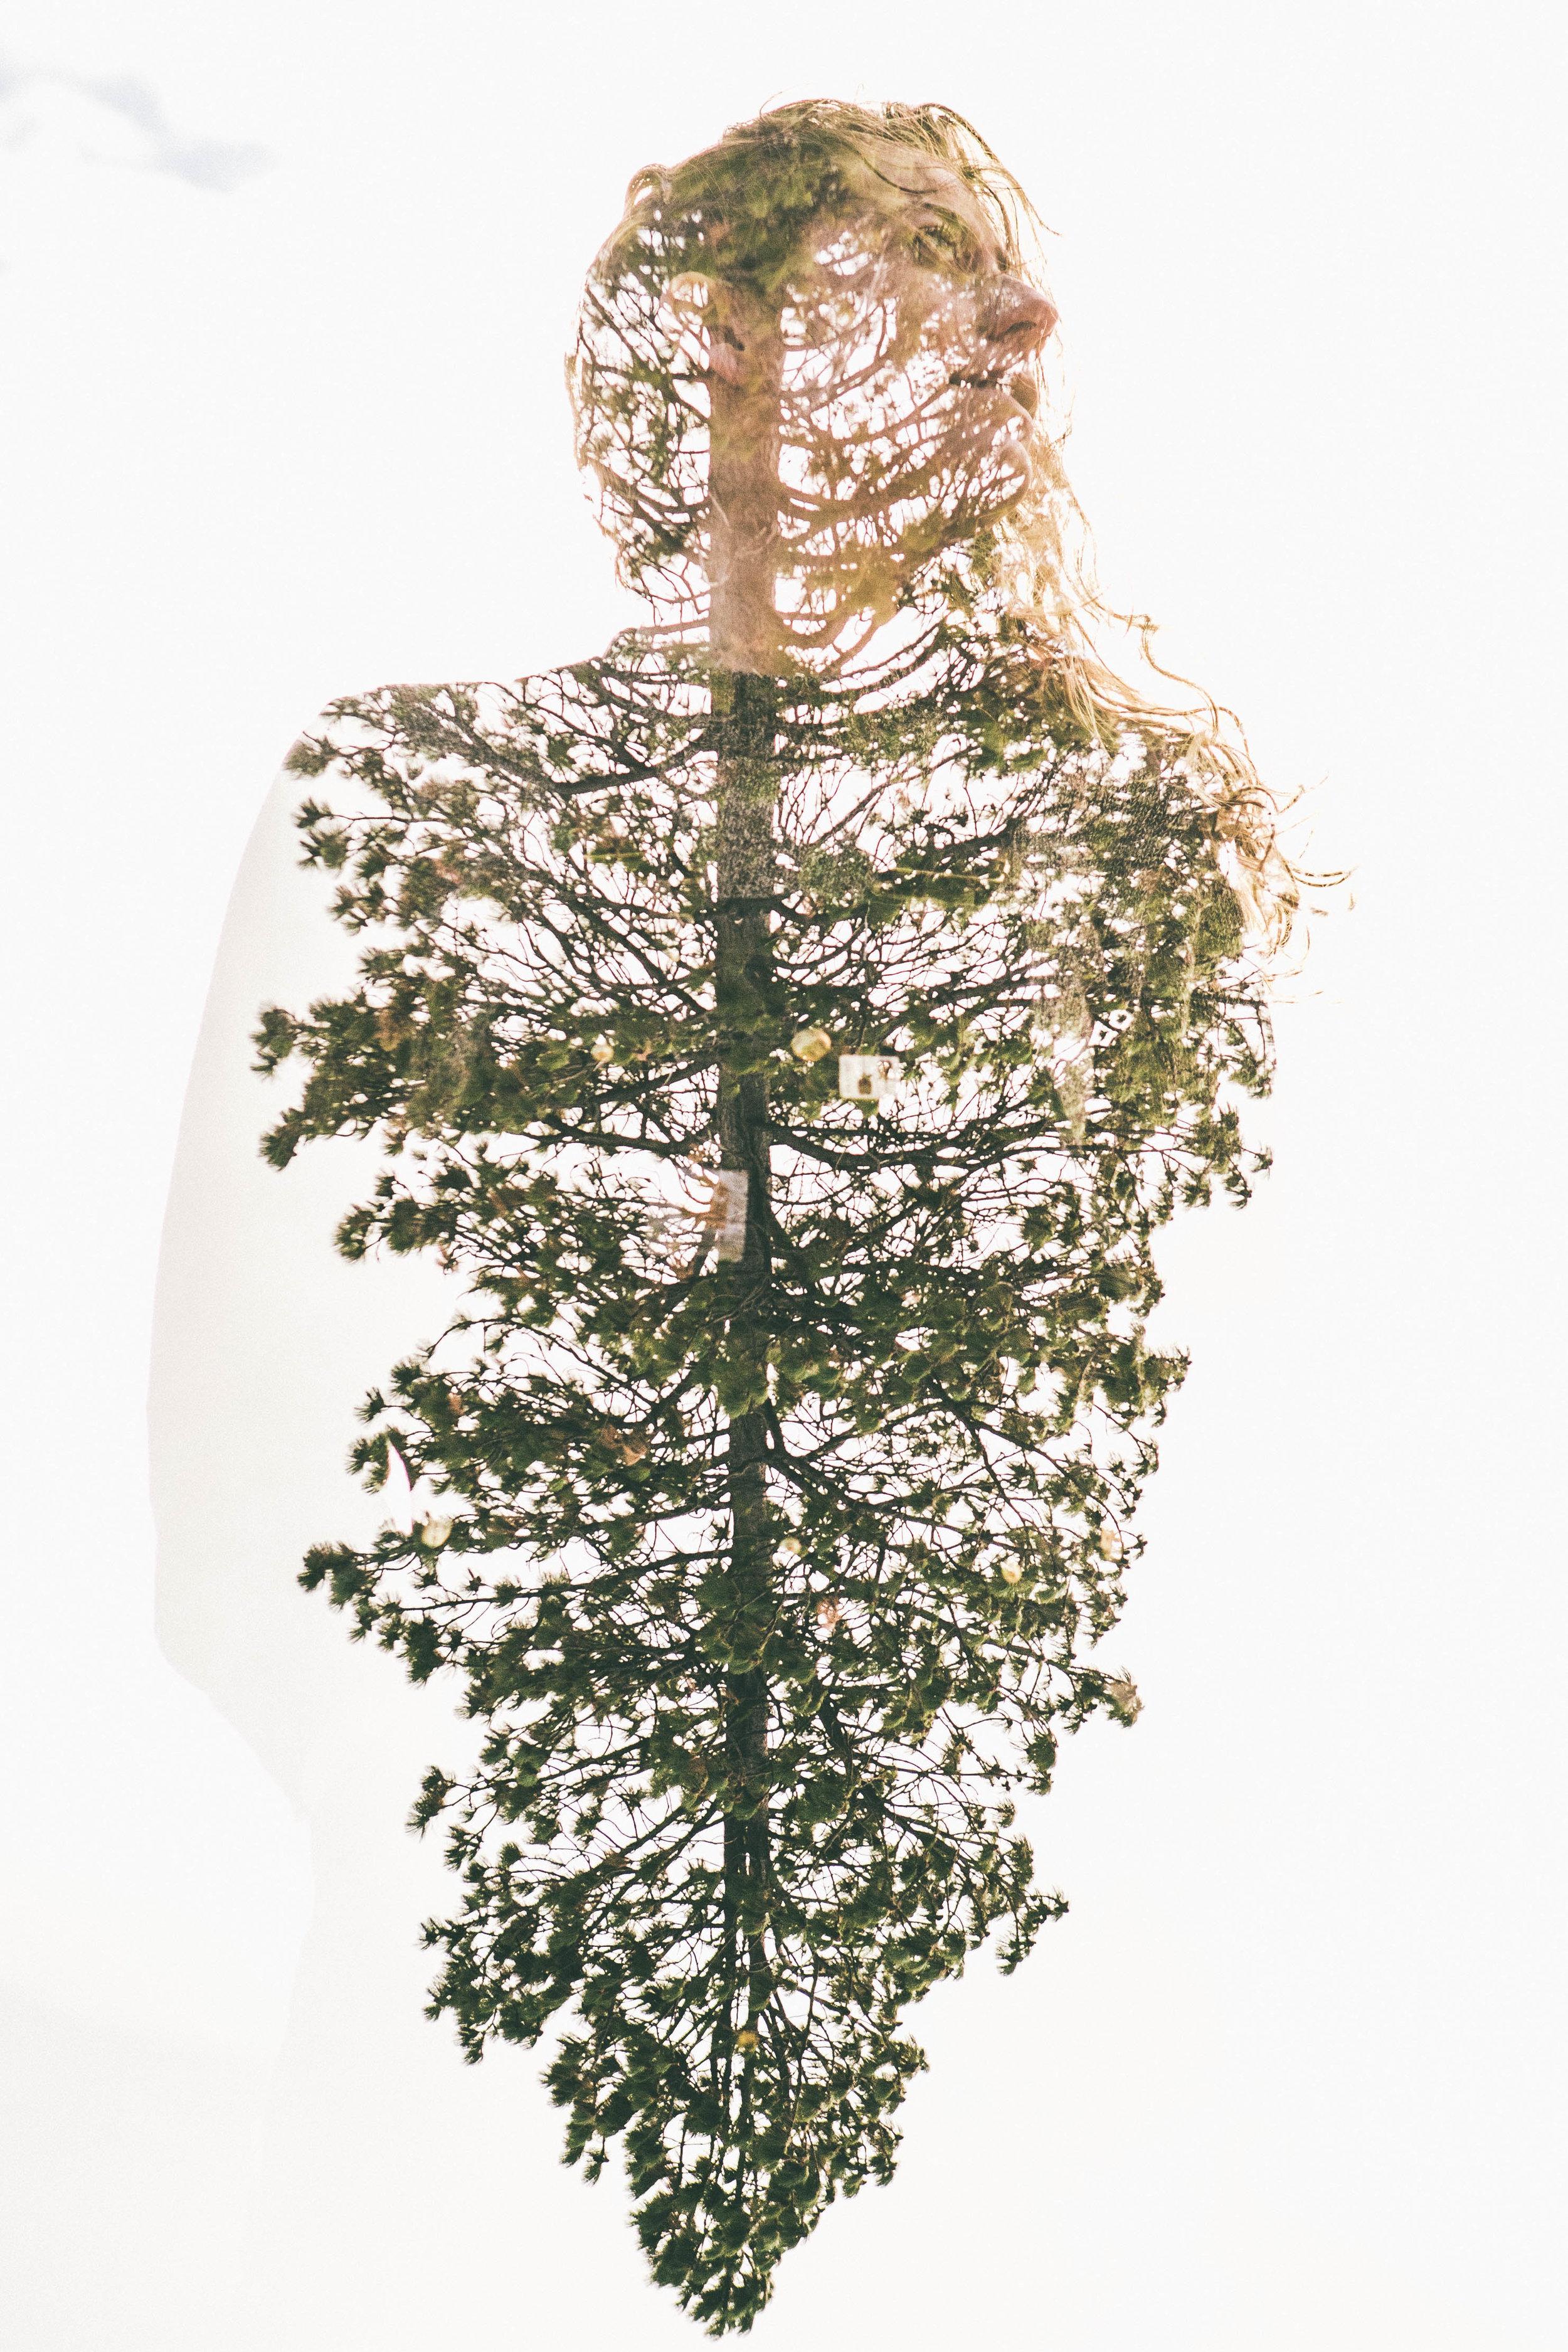 Comrades Double Expo Tree (3 of 3).jpg